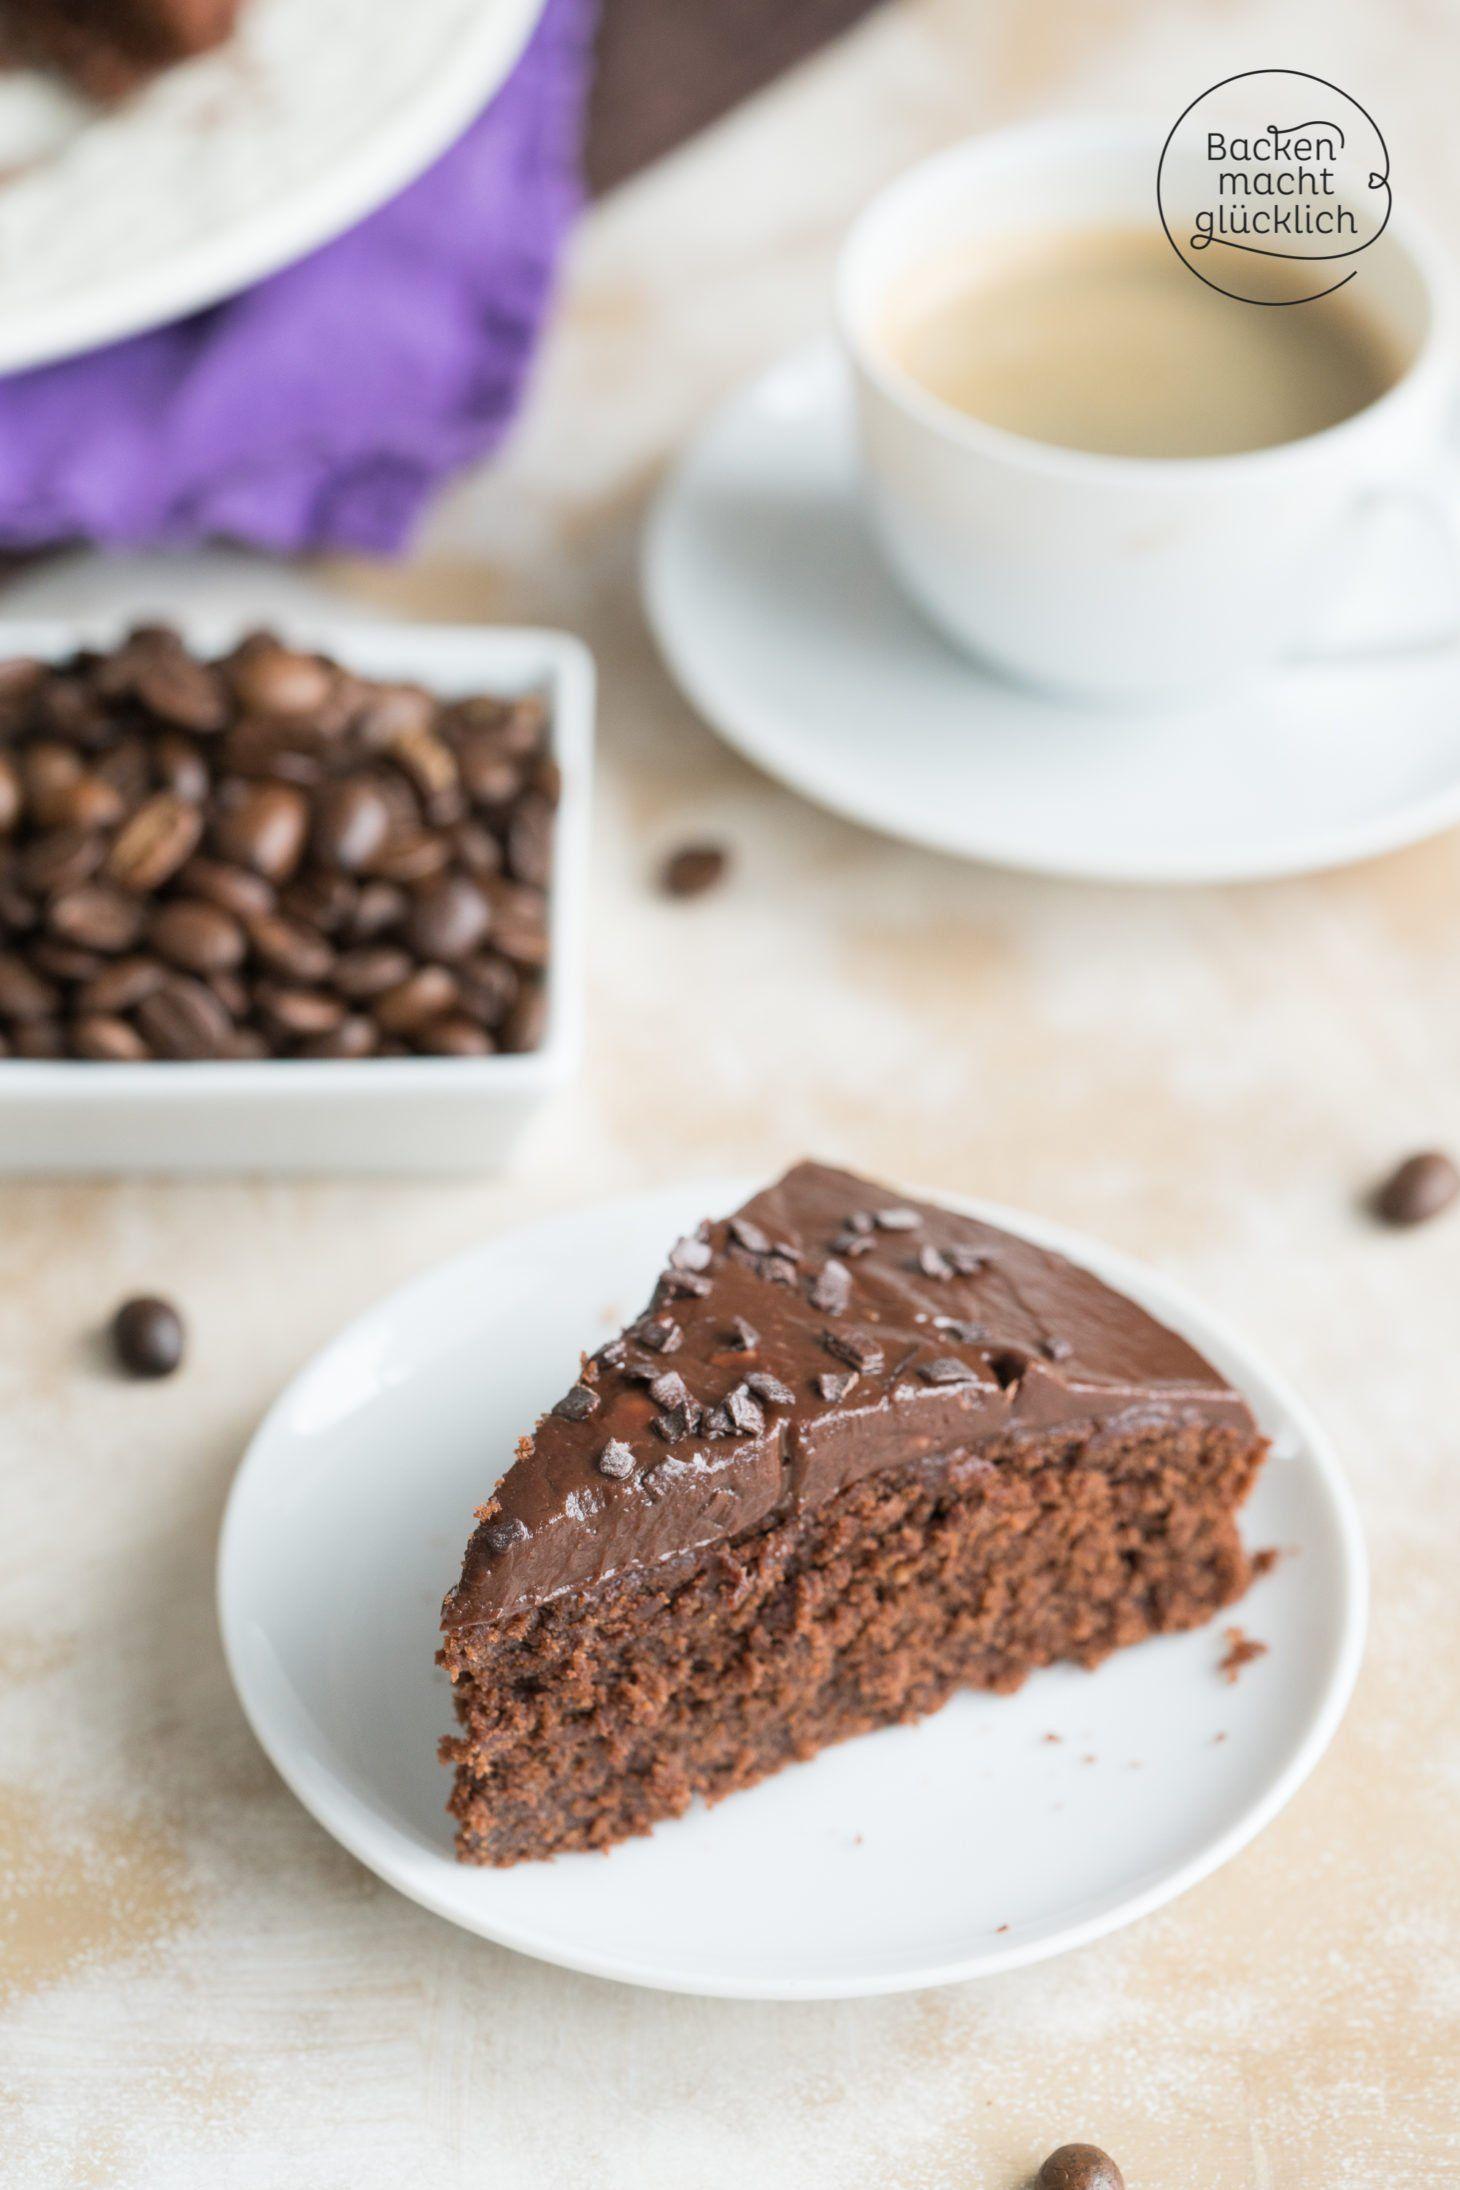 Saftiger Schoko Kaffee Kuchen Backen Macht Glucklich Rezept Kaffee Und Kuchen Kuchen Kuchen Und Torten Rezepte